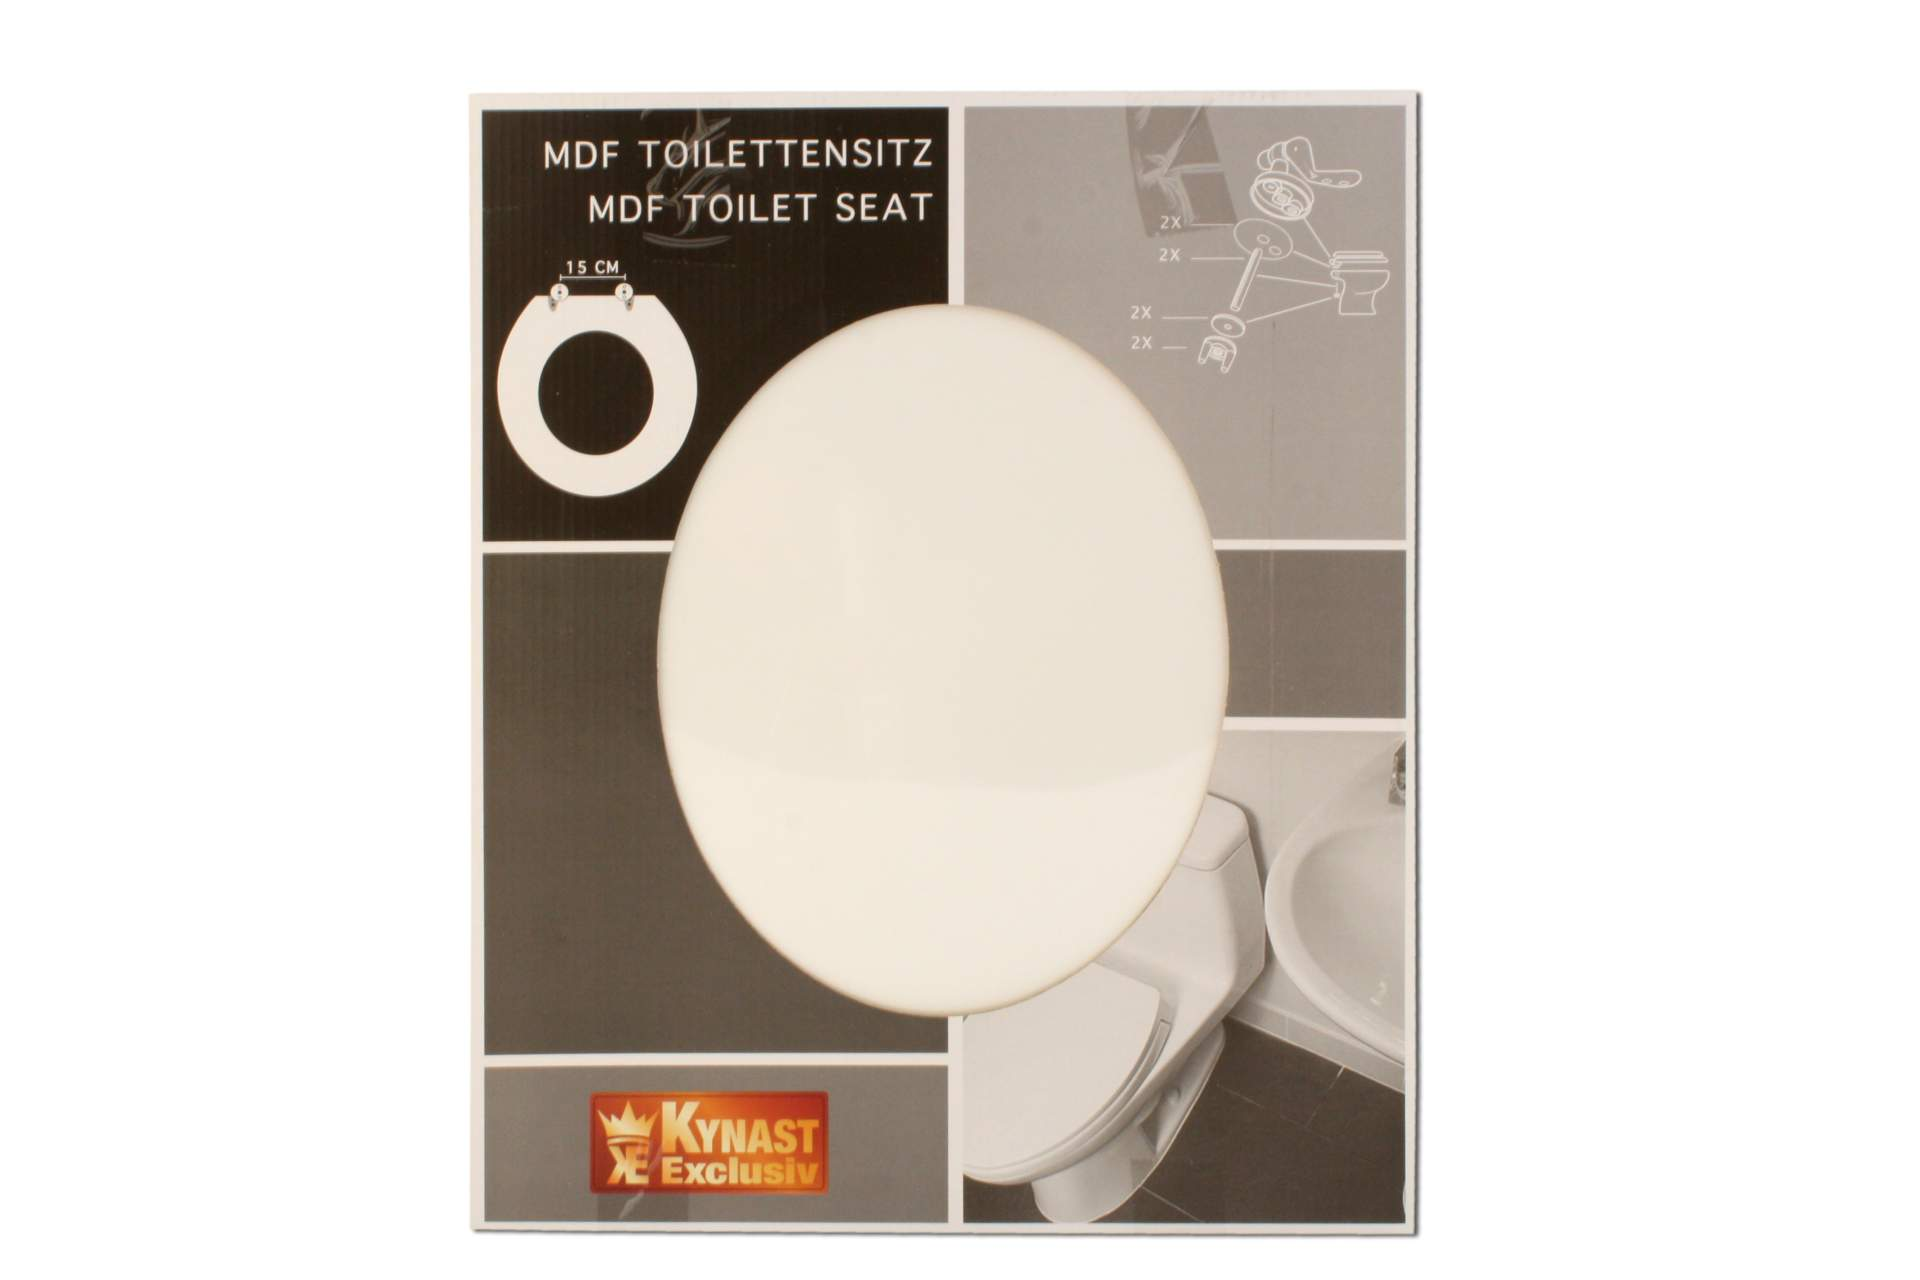 wc sitz toiletten deckel deckel wei klobrille toilettensitz. Black Bedroom Furniture Sets. Home Design Ideas